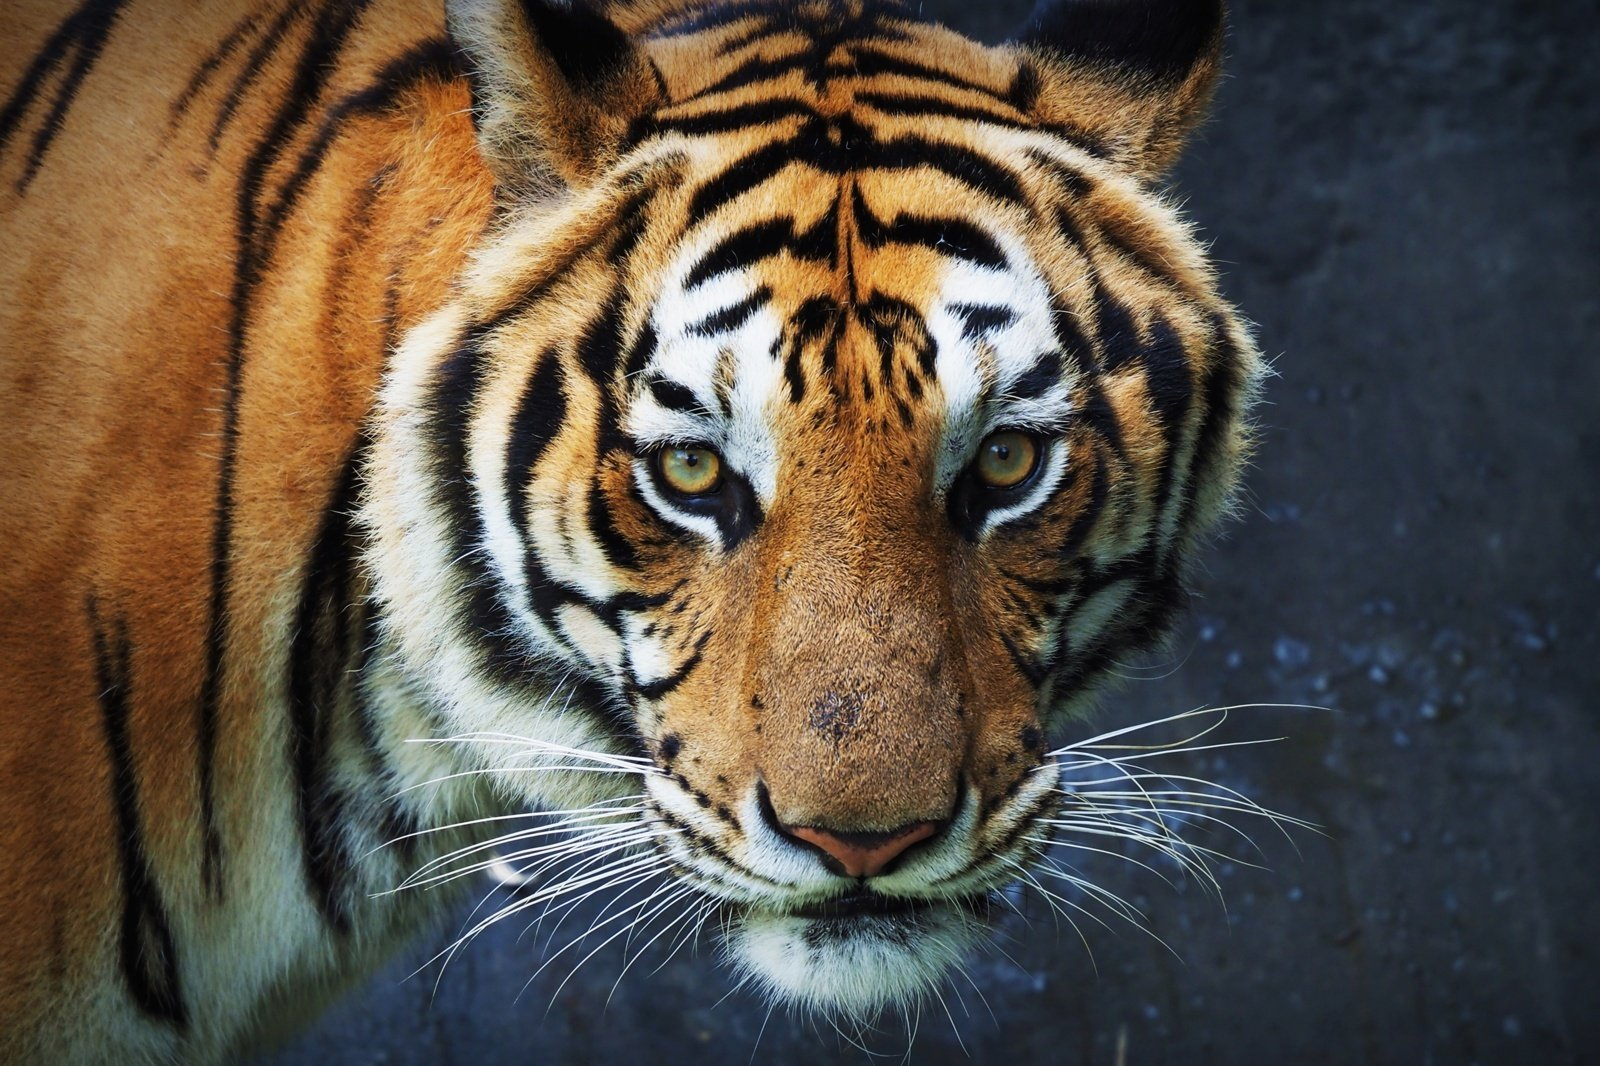 Iš zoologijos sodo pasprukus dviem tigrams, vienas jų sugautas gyvas